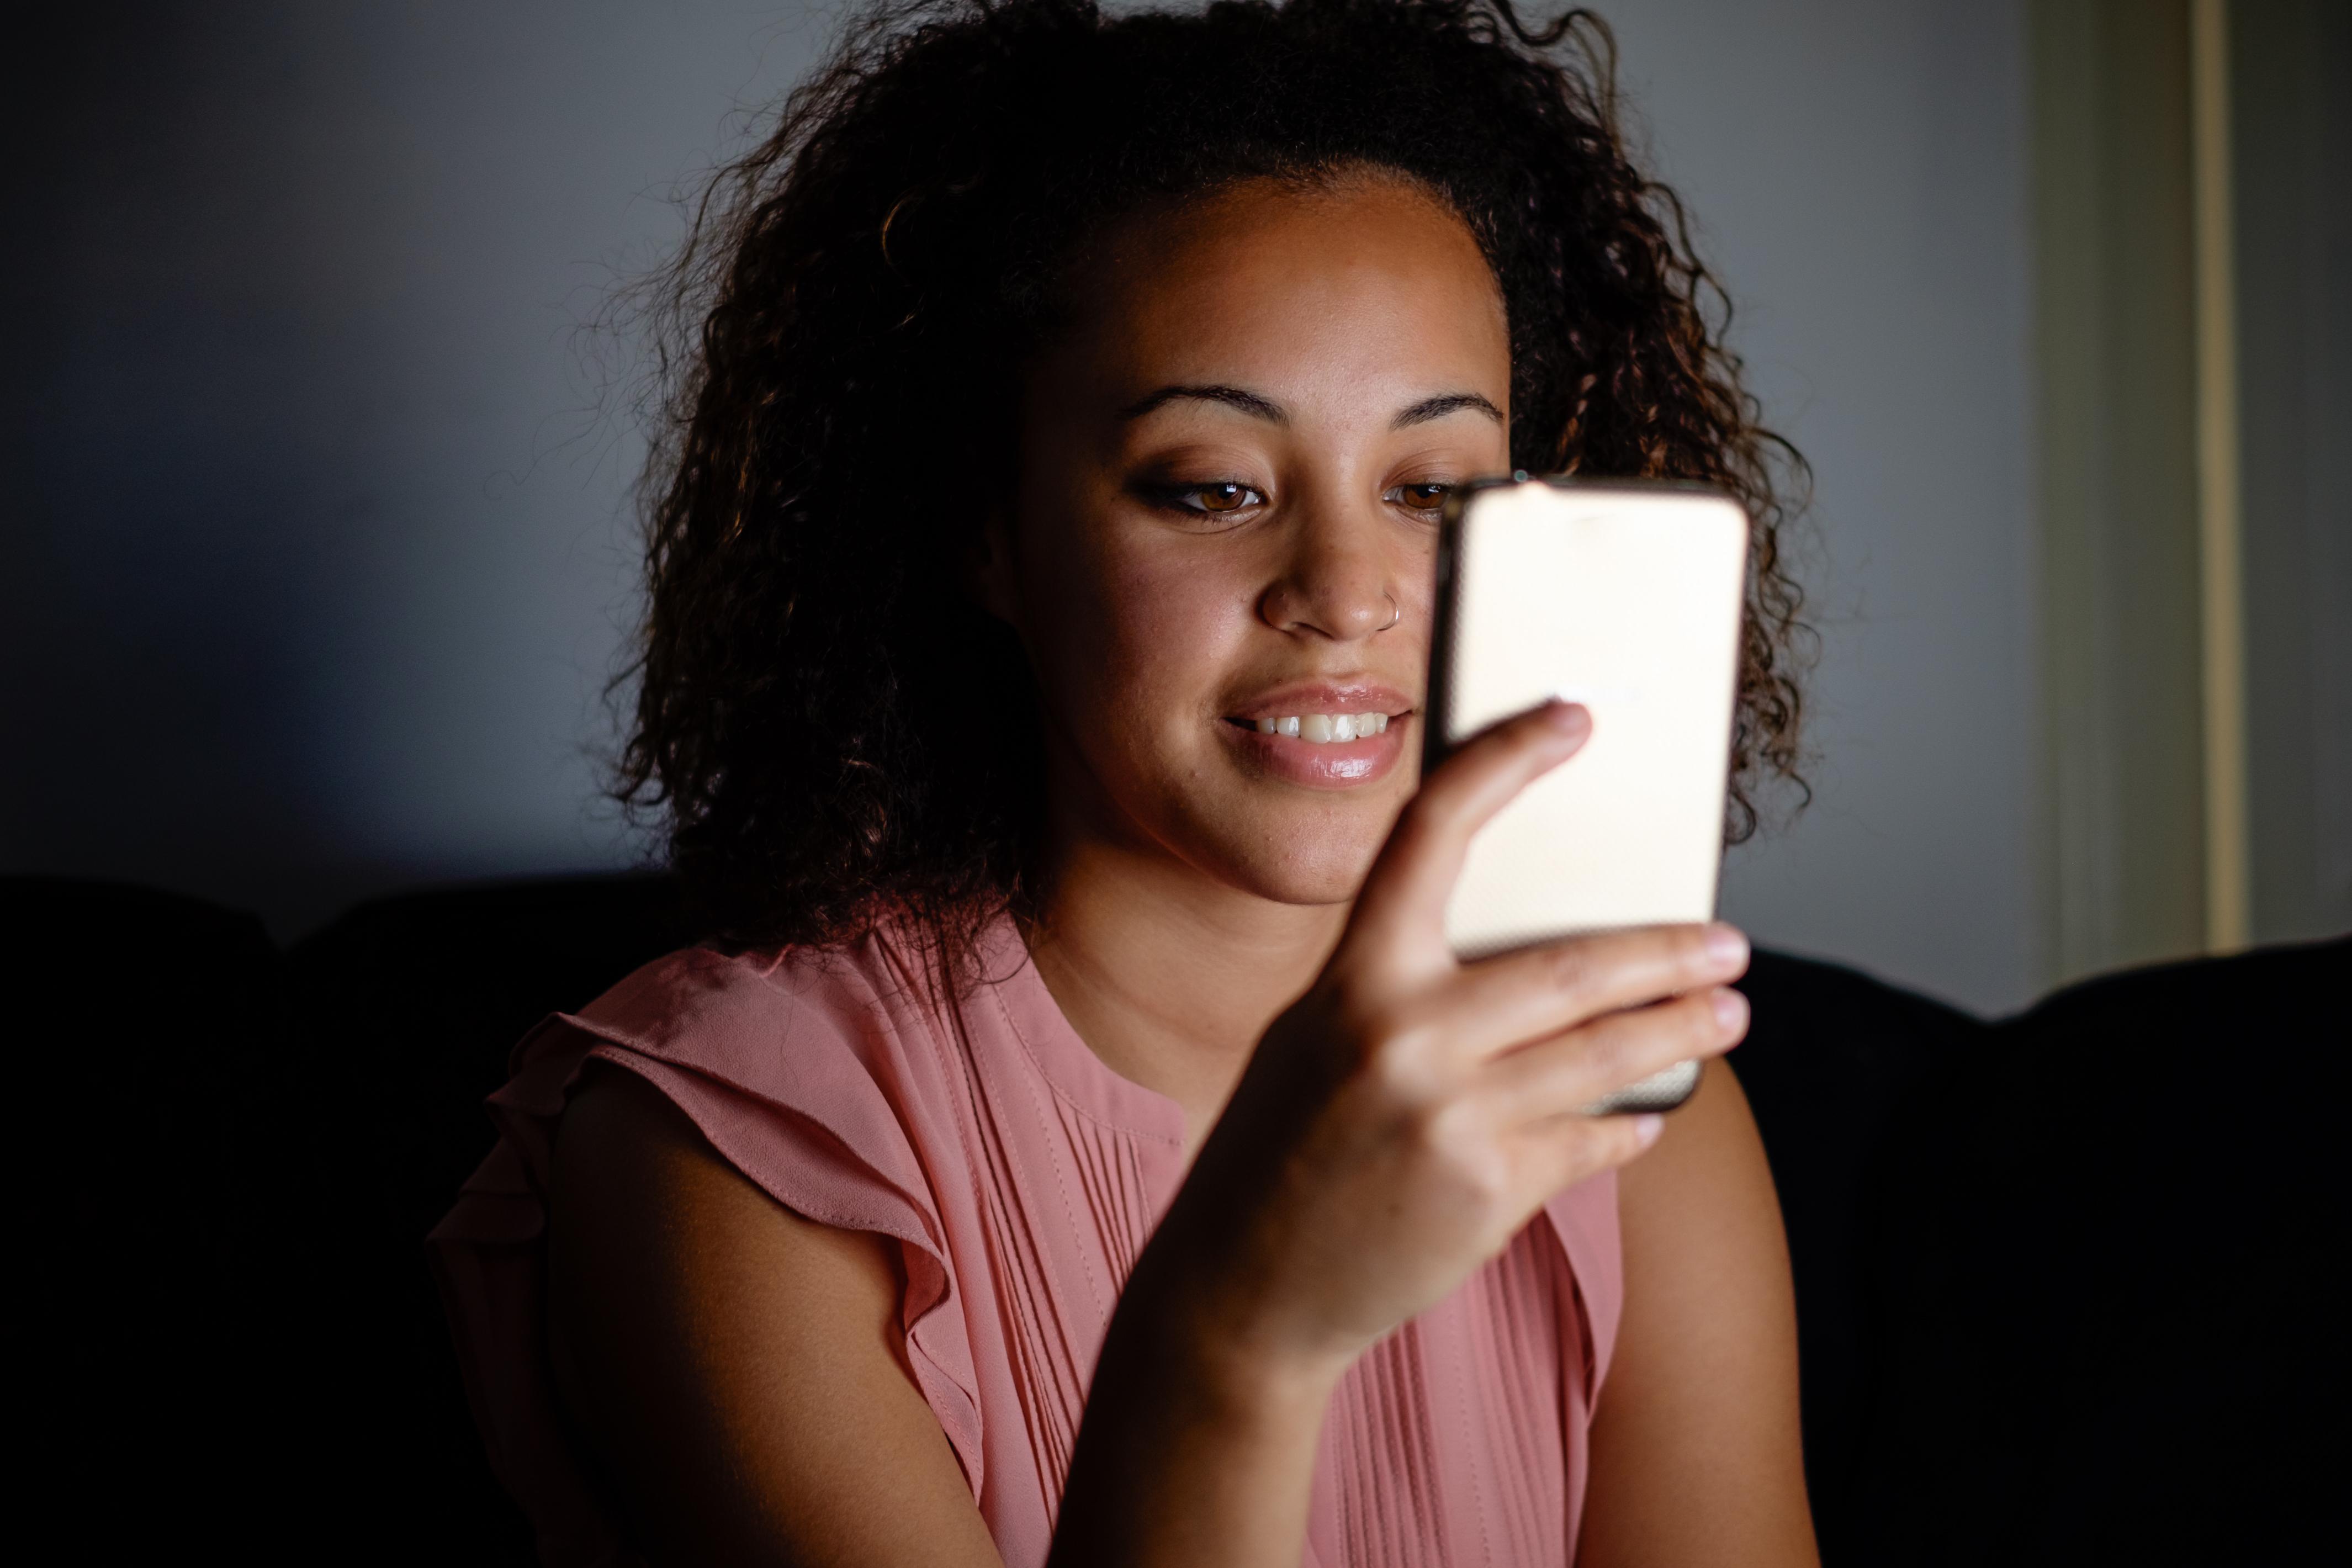 För att kunna besöka den virtuella ungdomsmottagningen behöver patienten ladda ner en gratis-app till mobilen.